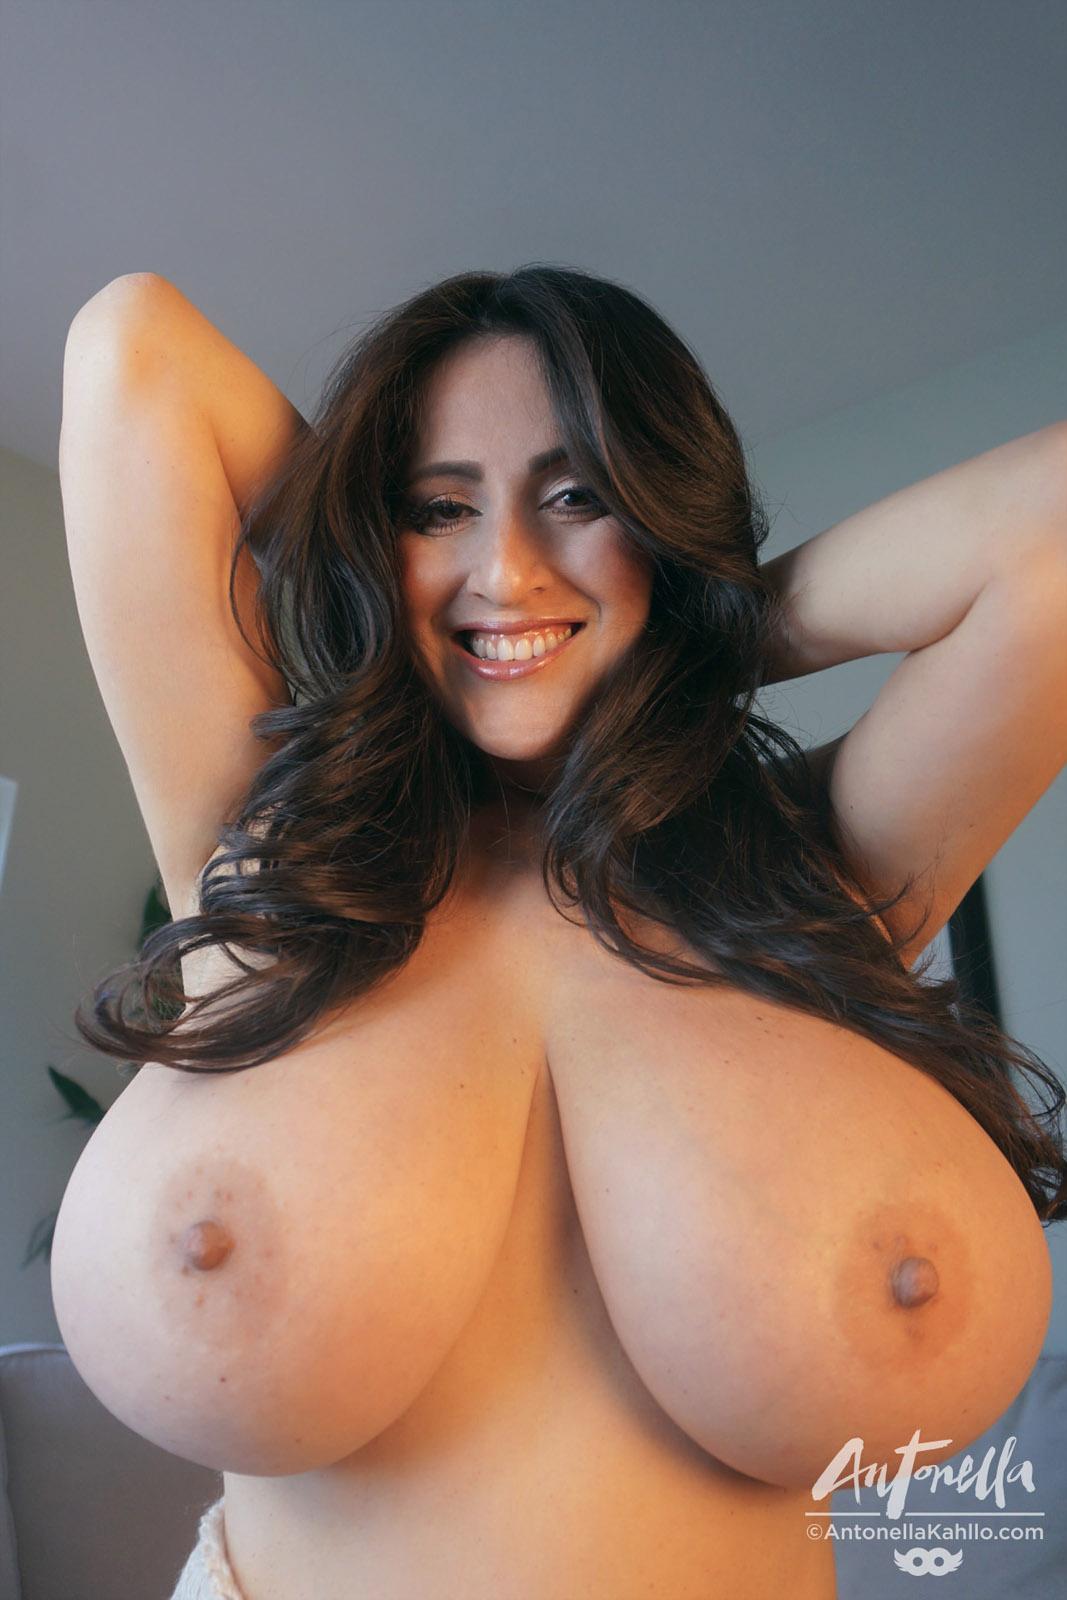 Mature massive round boobs naked